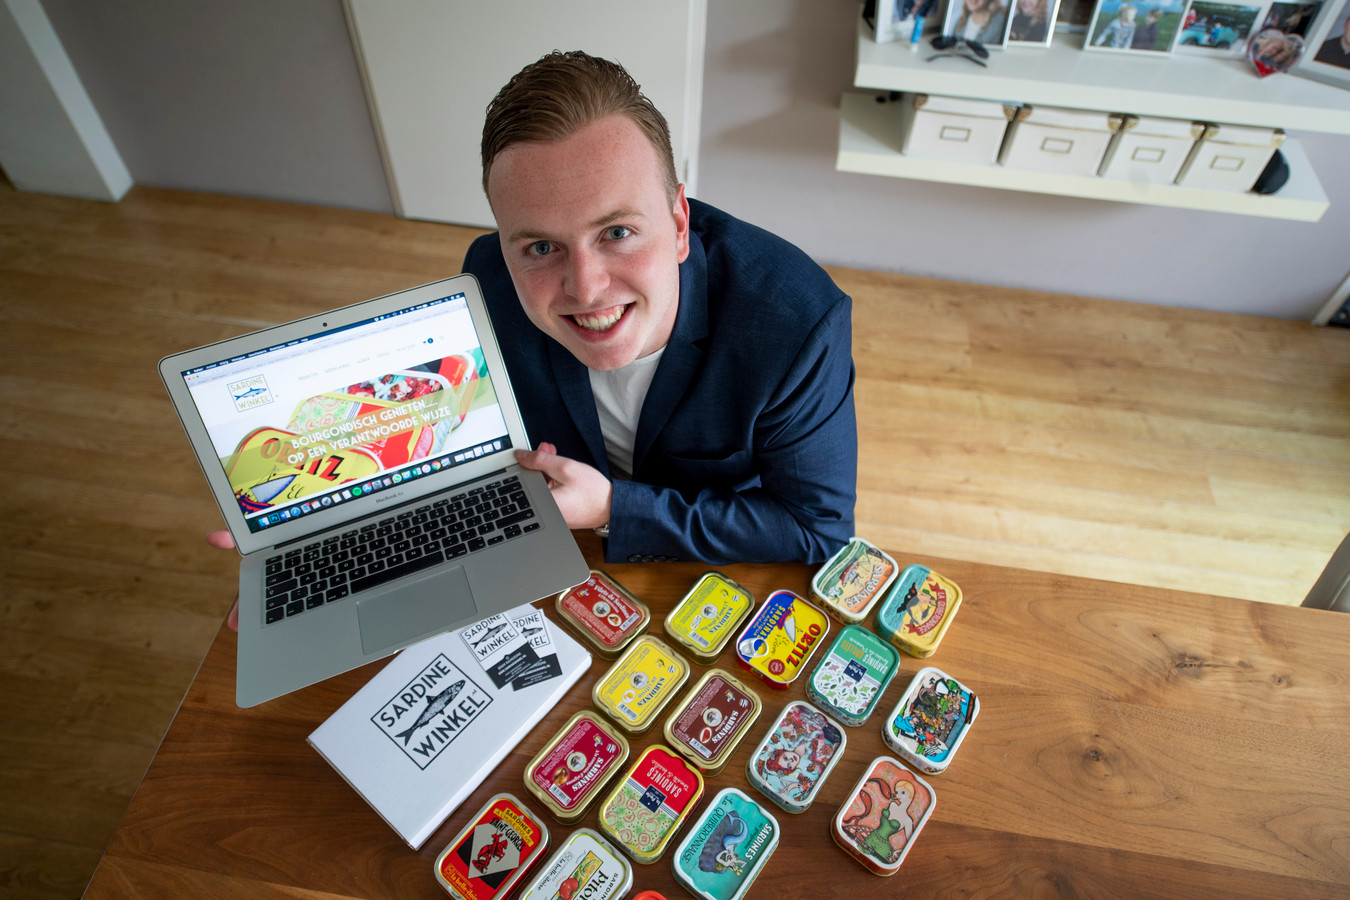 De jonge ondernemer Bram Riemersma heeft zich gestort op de verkoop van sardines.